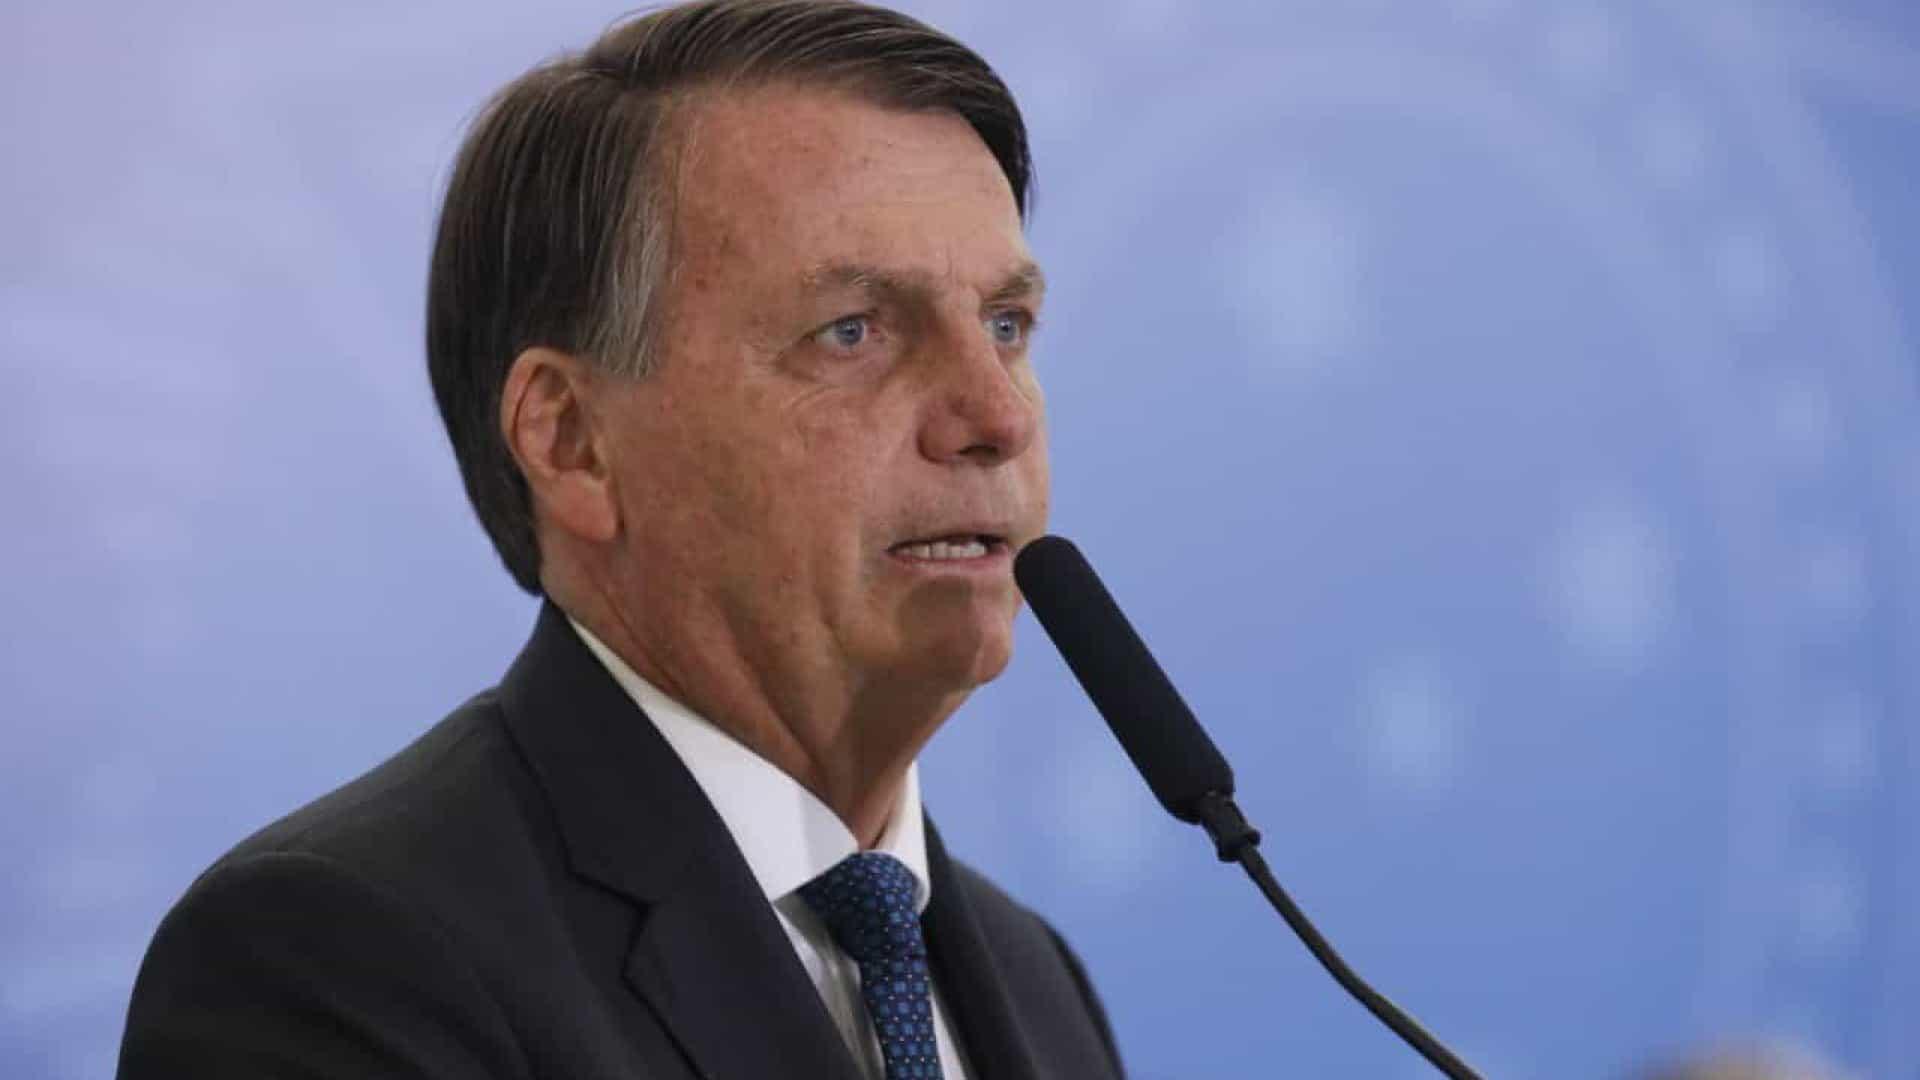 naom 5fdbb01d0434a - STF ignora pandemia e marca sessão presencial após Bolsonaro recusar convite virtual